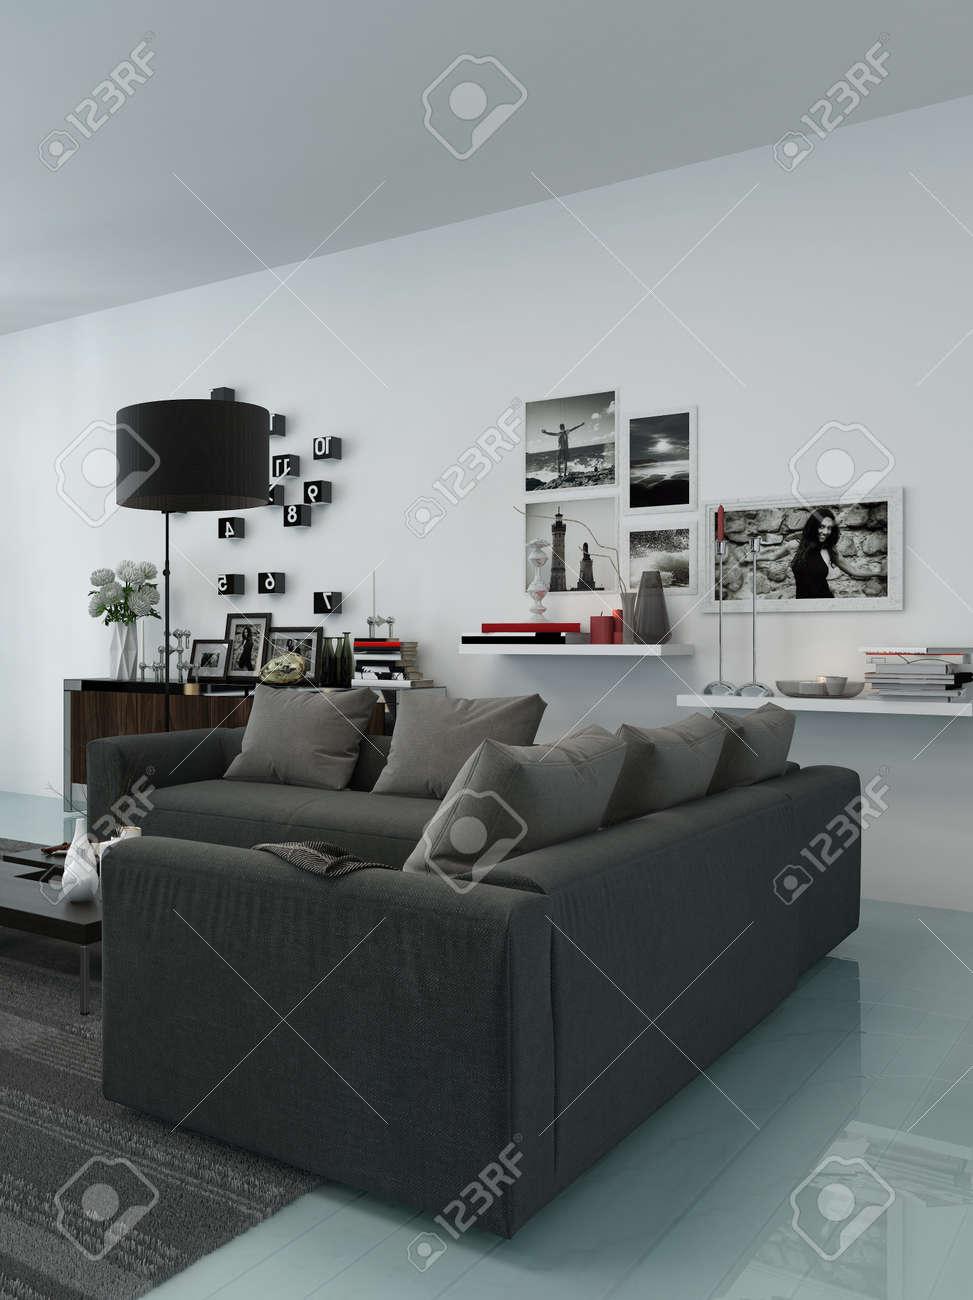 Moderne Wohnzimmer Innenraum Mit Bequemen Polstersitzgruppe, Zimmerpflanzen  Und Schöne Dekorationen Standard Bild   28780079